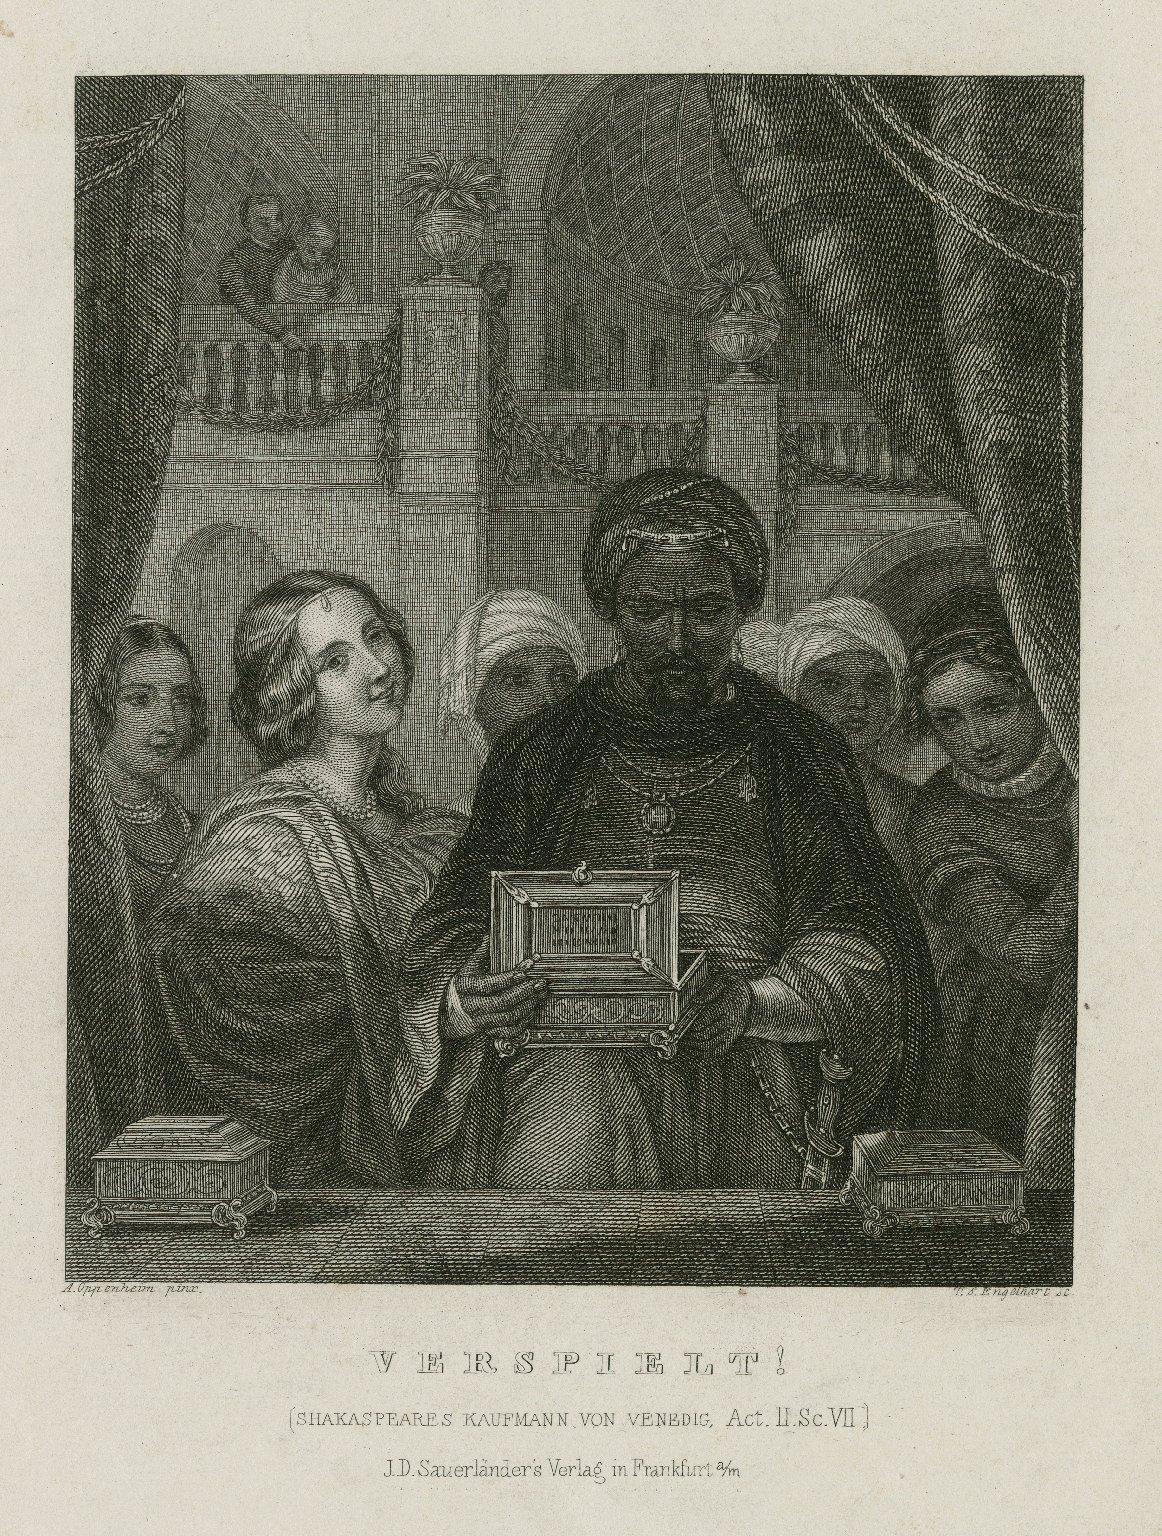 Verspielt! (Shakaspeares [sic] Kaufmann von Venedig, act II, sc. VII) [graphic] / A. Oppenheim pinx. ; T.S. Engelhart sc.